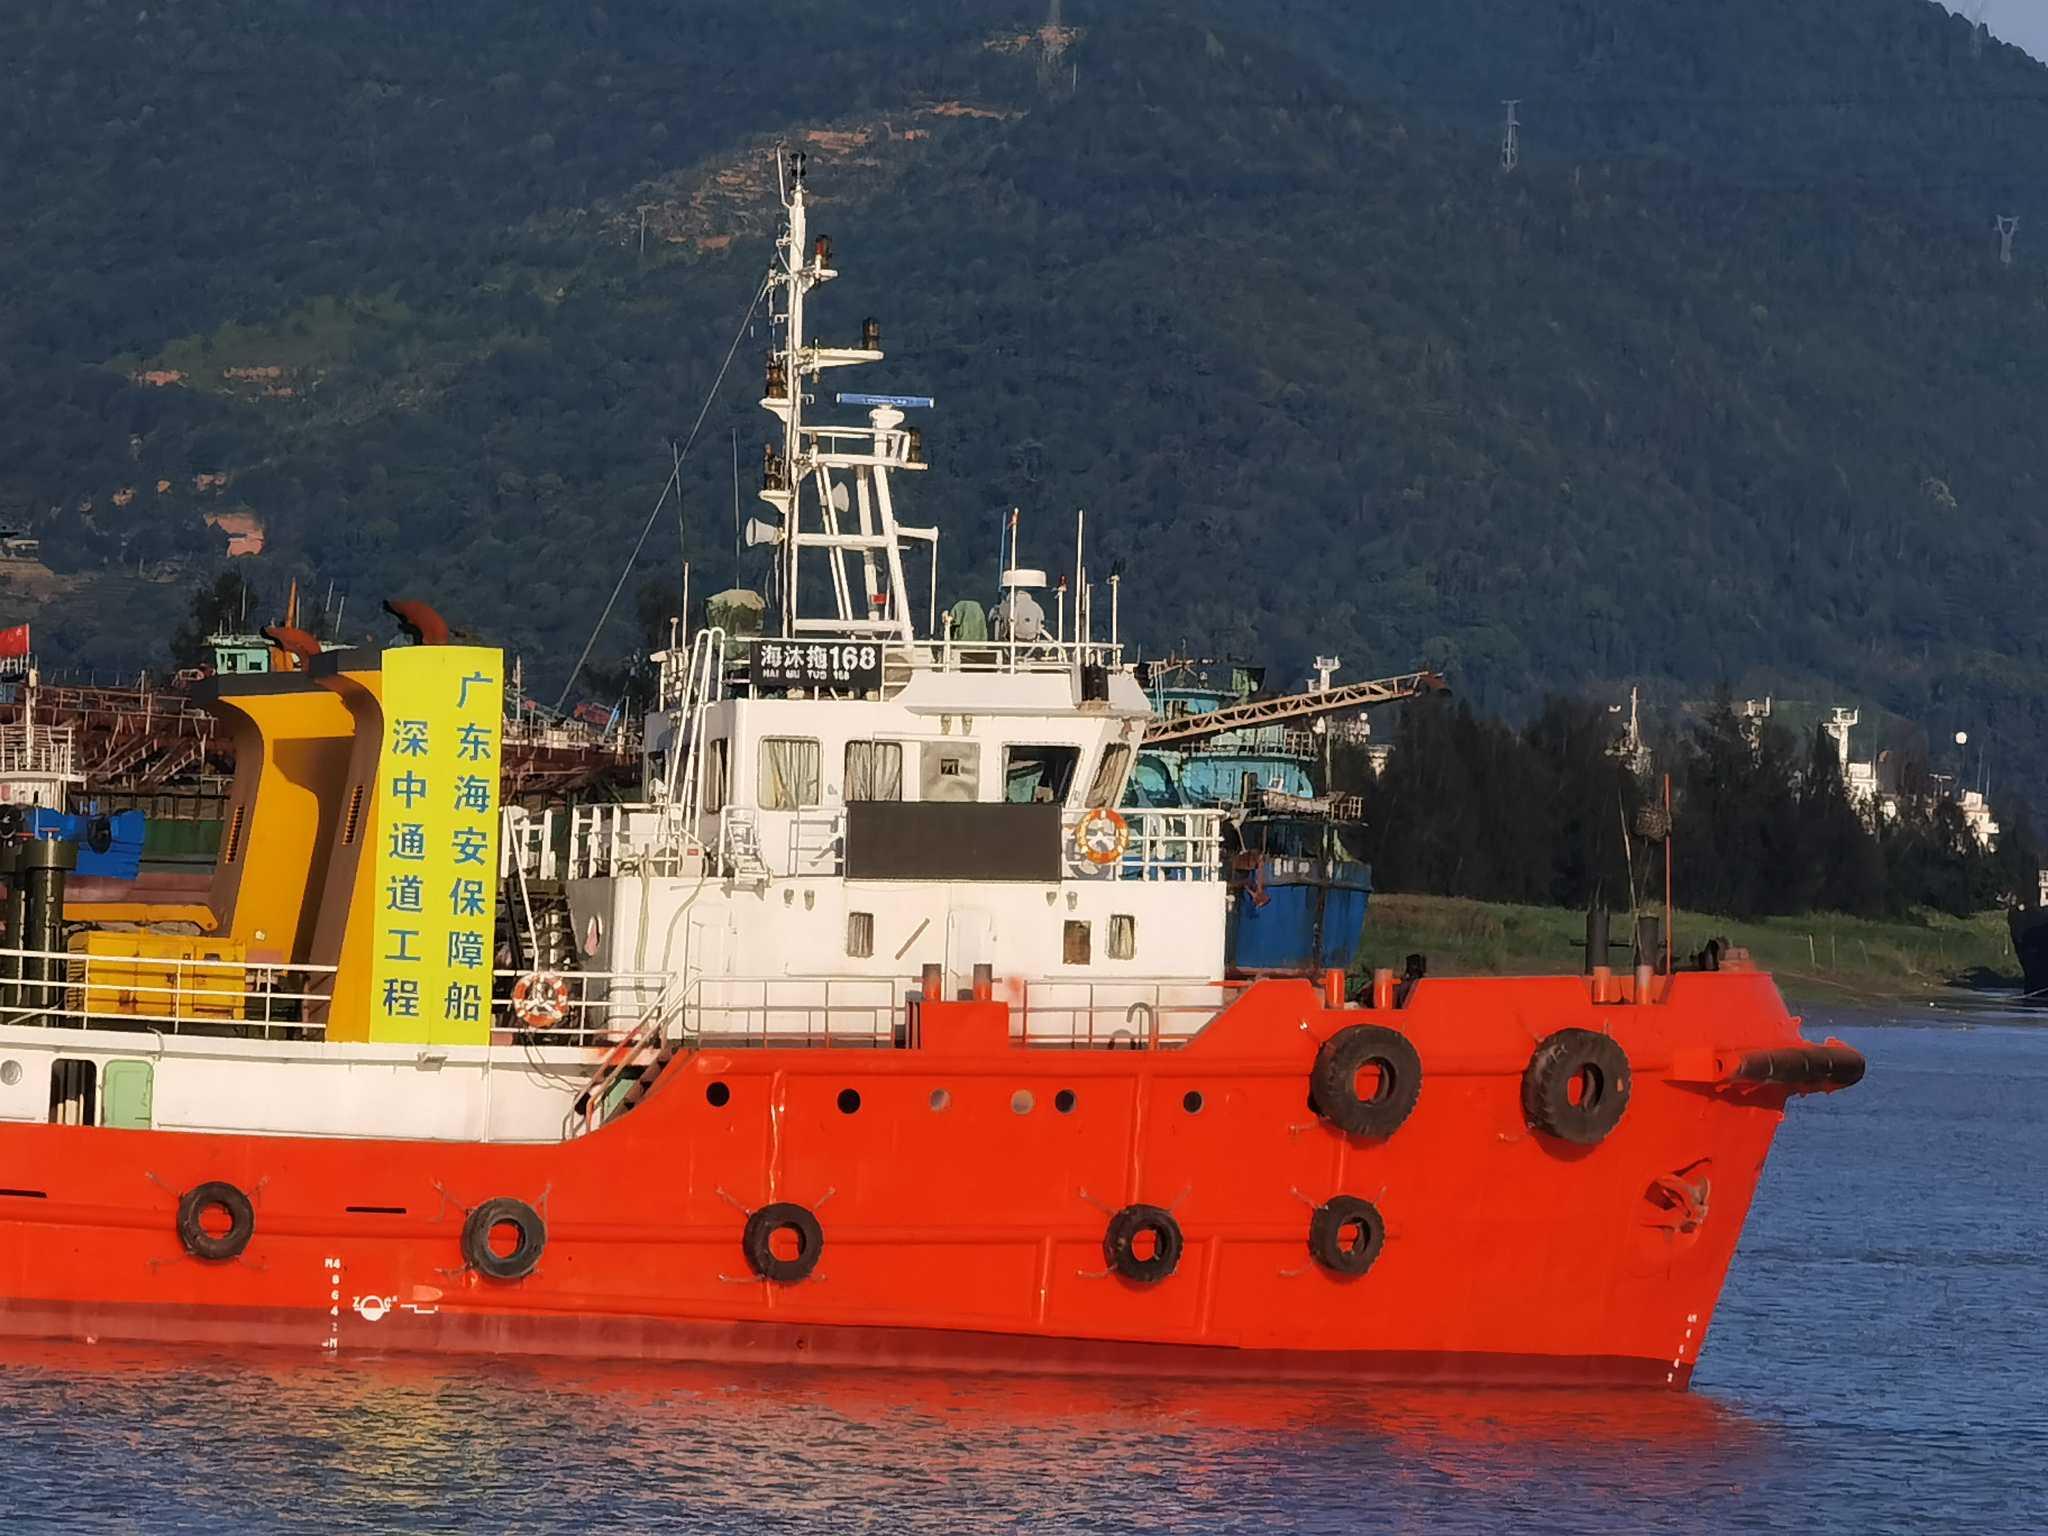 出售2400马力普通拖船